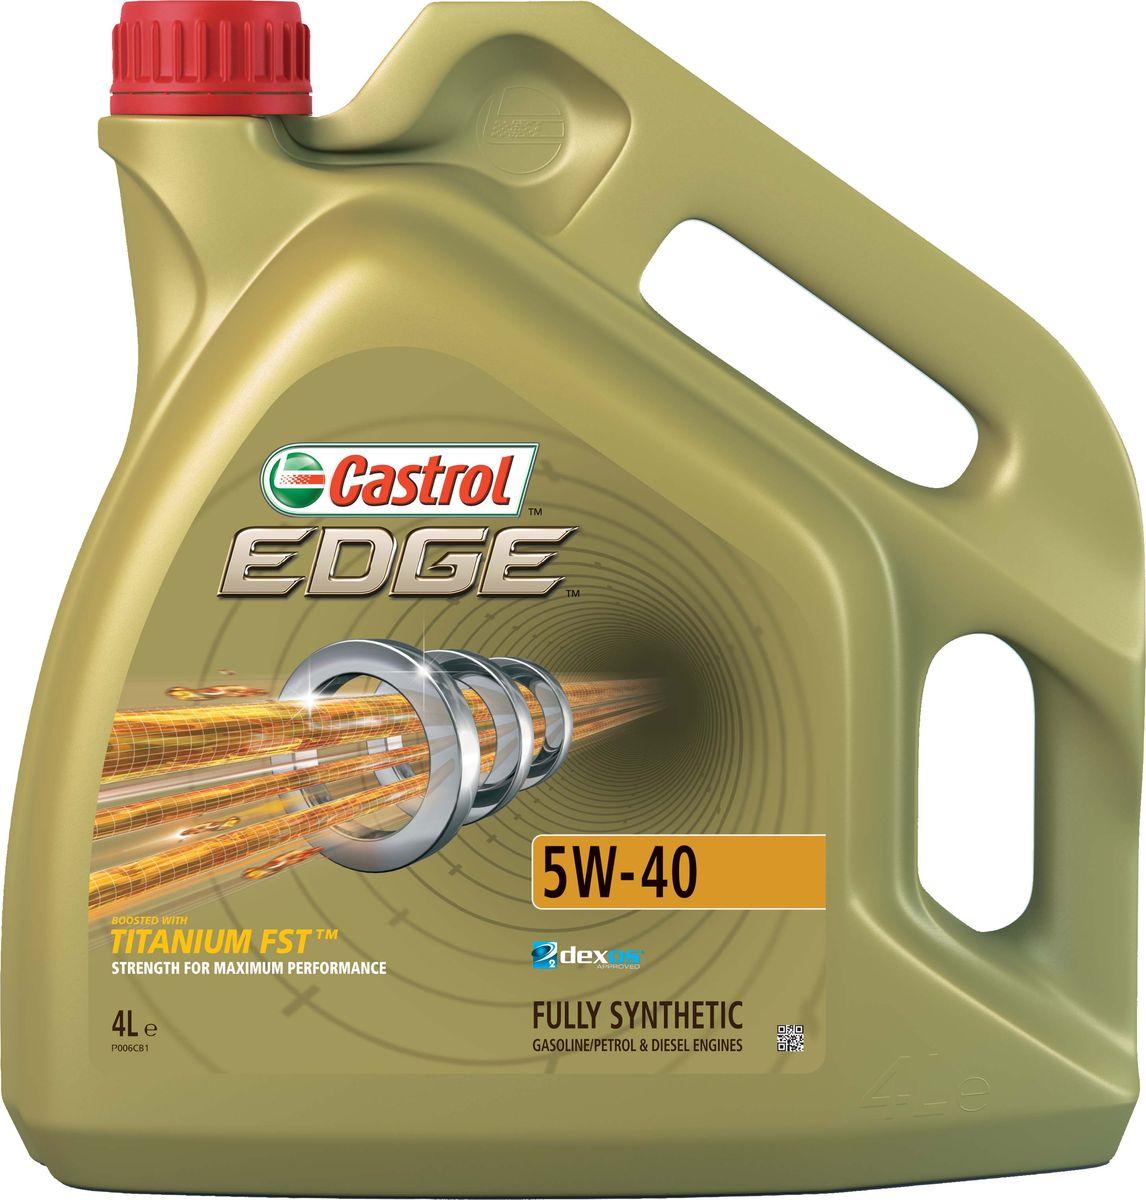 Масло моторное Castrol Edge, синтетическое, класс вязкости 5W-40, 4 л10503Полностью синтетическое моторное масло Castrol Edge произведено с использованием новейшей технологии TITANIUM FST™, придающей масляной пленке дополнительную силу и прочность благодаря соединениям титана.TITANIUM FST™ радикально меняет поведение масла в условиях экстремальных нагрузок, формируя дополнительный ударопоглащающий слой. Испытания подтвердили, что TITANIUM FST™ в 2 раза увеличивает прочность пленки, предотвращая ее разрыв и снижая трение для максимальной производительности двигателя.С Castrol Edge ваш автомобиль готов к любым испытаниям независимо от дорожных условий.Castrol Edge предназначено для бензиновых и дизельных двигателей автомобилей, где производитель рекомендует моторные масла спецификаций ACEA C3, API SN или более ранних. Castrol Edge одобрено к применению ведущими производителями техники.Castrol Edge обеспечивает надежную и максимально эффективную работу современныхвысокотехнологичных двигателей, созданных по новейшим инженерным разработкам, которые работают в условиях ужесточенных допусков производителей техники, требующих высокого уровня защиты и использования маловязких масел.Castrol Edge:- поддерживает максимальную эффективность работы двигателя, как в краткосрочном периоде времени, так и на длительный срок эксплуатации;- подавляет образование отложений, способствуя повышению скорости реакции двигателя на нажатие педали акселератора;- обеспечивает непревзойденный уровень защиты мотора в разных условиях движения и широком диапазоне температур;- повышает КПД двигателя (независимо подтверждено);- обеспечивает и поддерживает максимальную мощность двигателя в течении длительного времени, даже в условиях интенсивной эксплуатации.Спецификации:ACEA C3,API SN,BMW Longlife-04,Meets Fiat 9.55535-S2,Meets Ford WSS-M2C917-A,MB-Approval 229.31/ 229.51,Renault RN 0700 / RN 0710,VW 502 00 / 505 00/ 505 00/ 505.01.Товар сертифицирован.